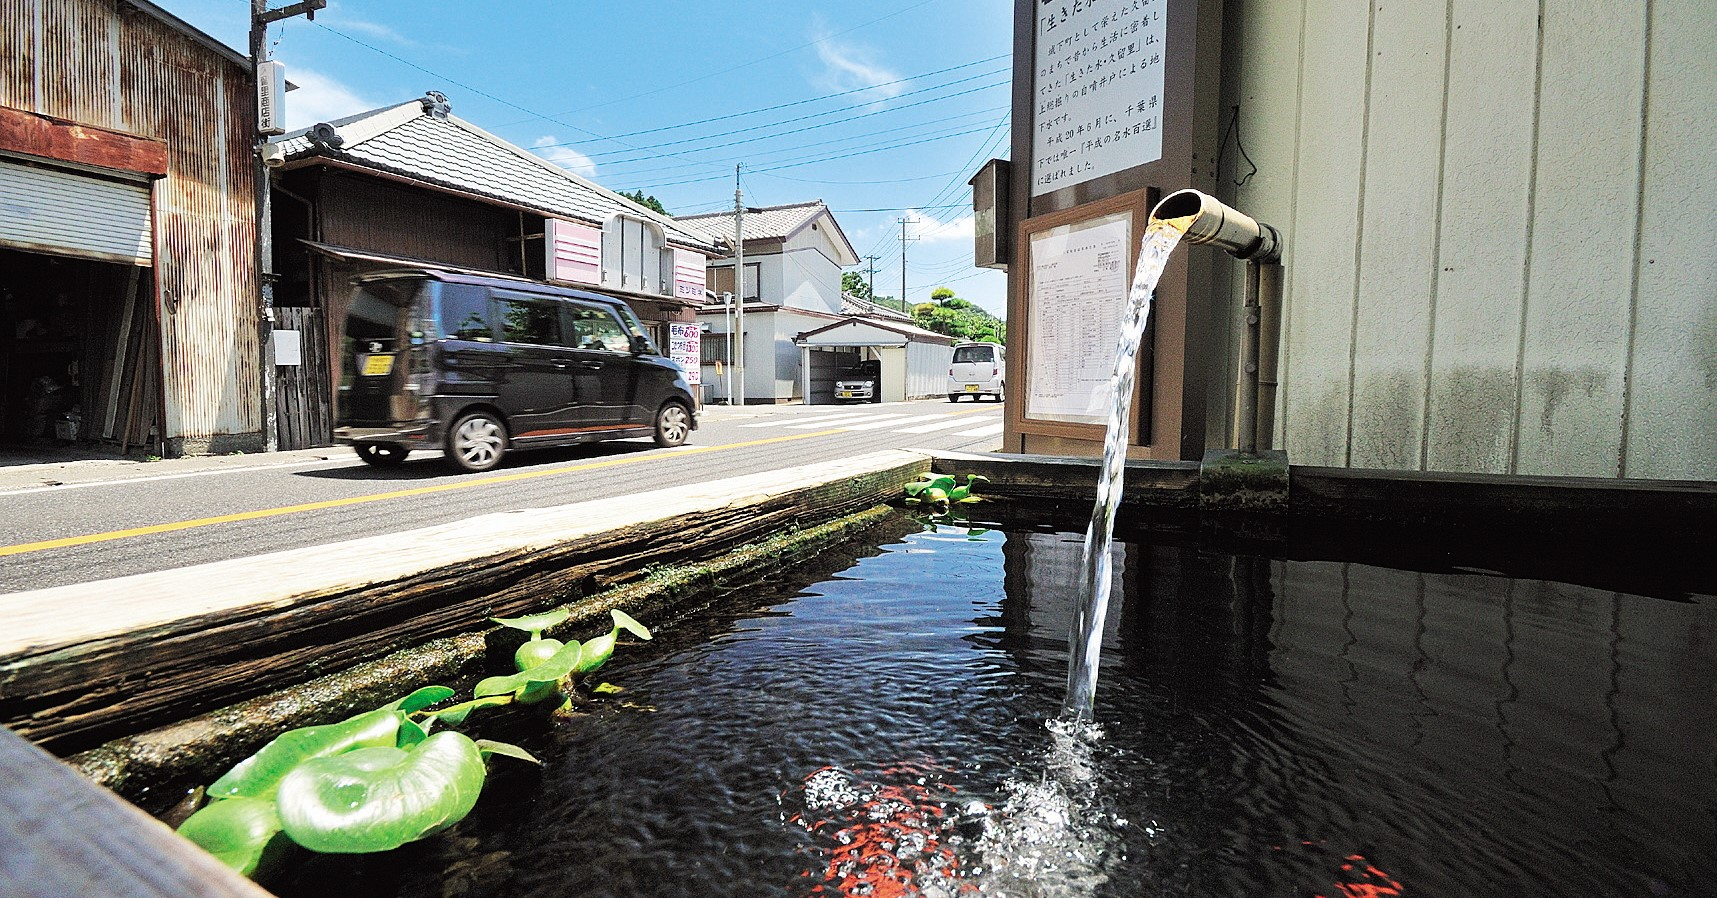 「平成の名水百選」に選ばれた久留里の水